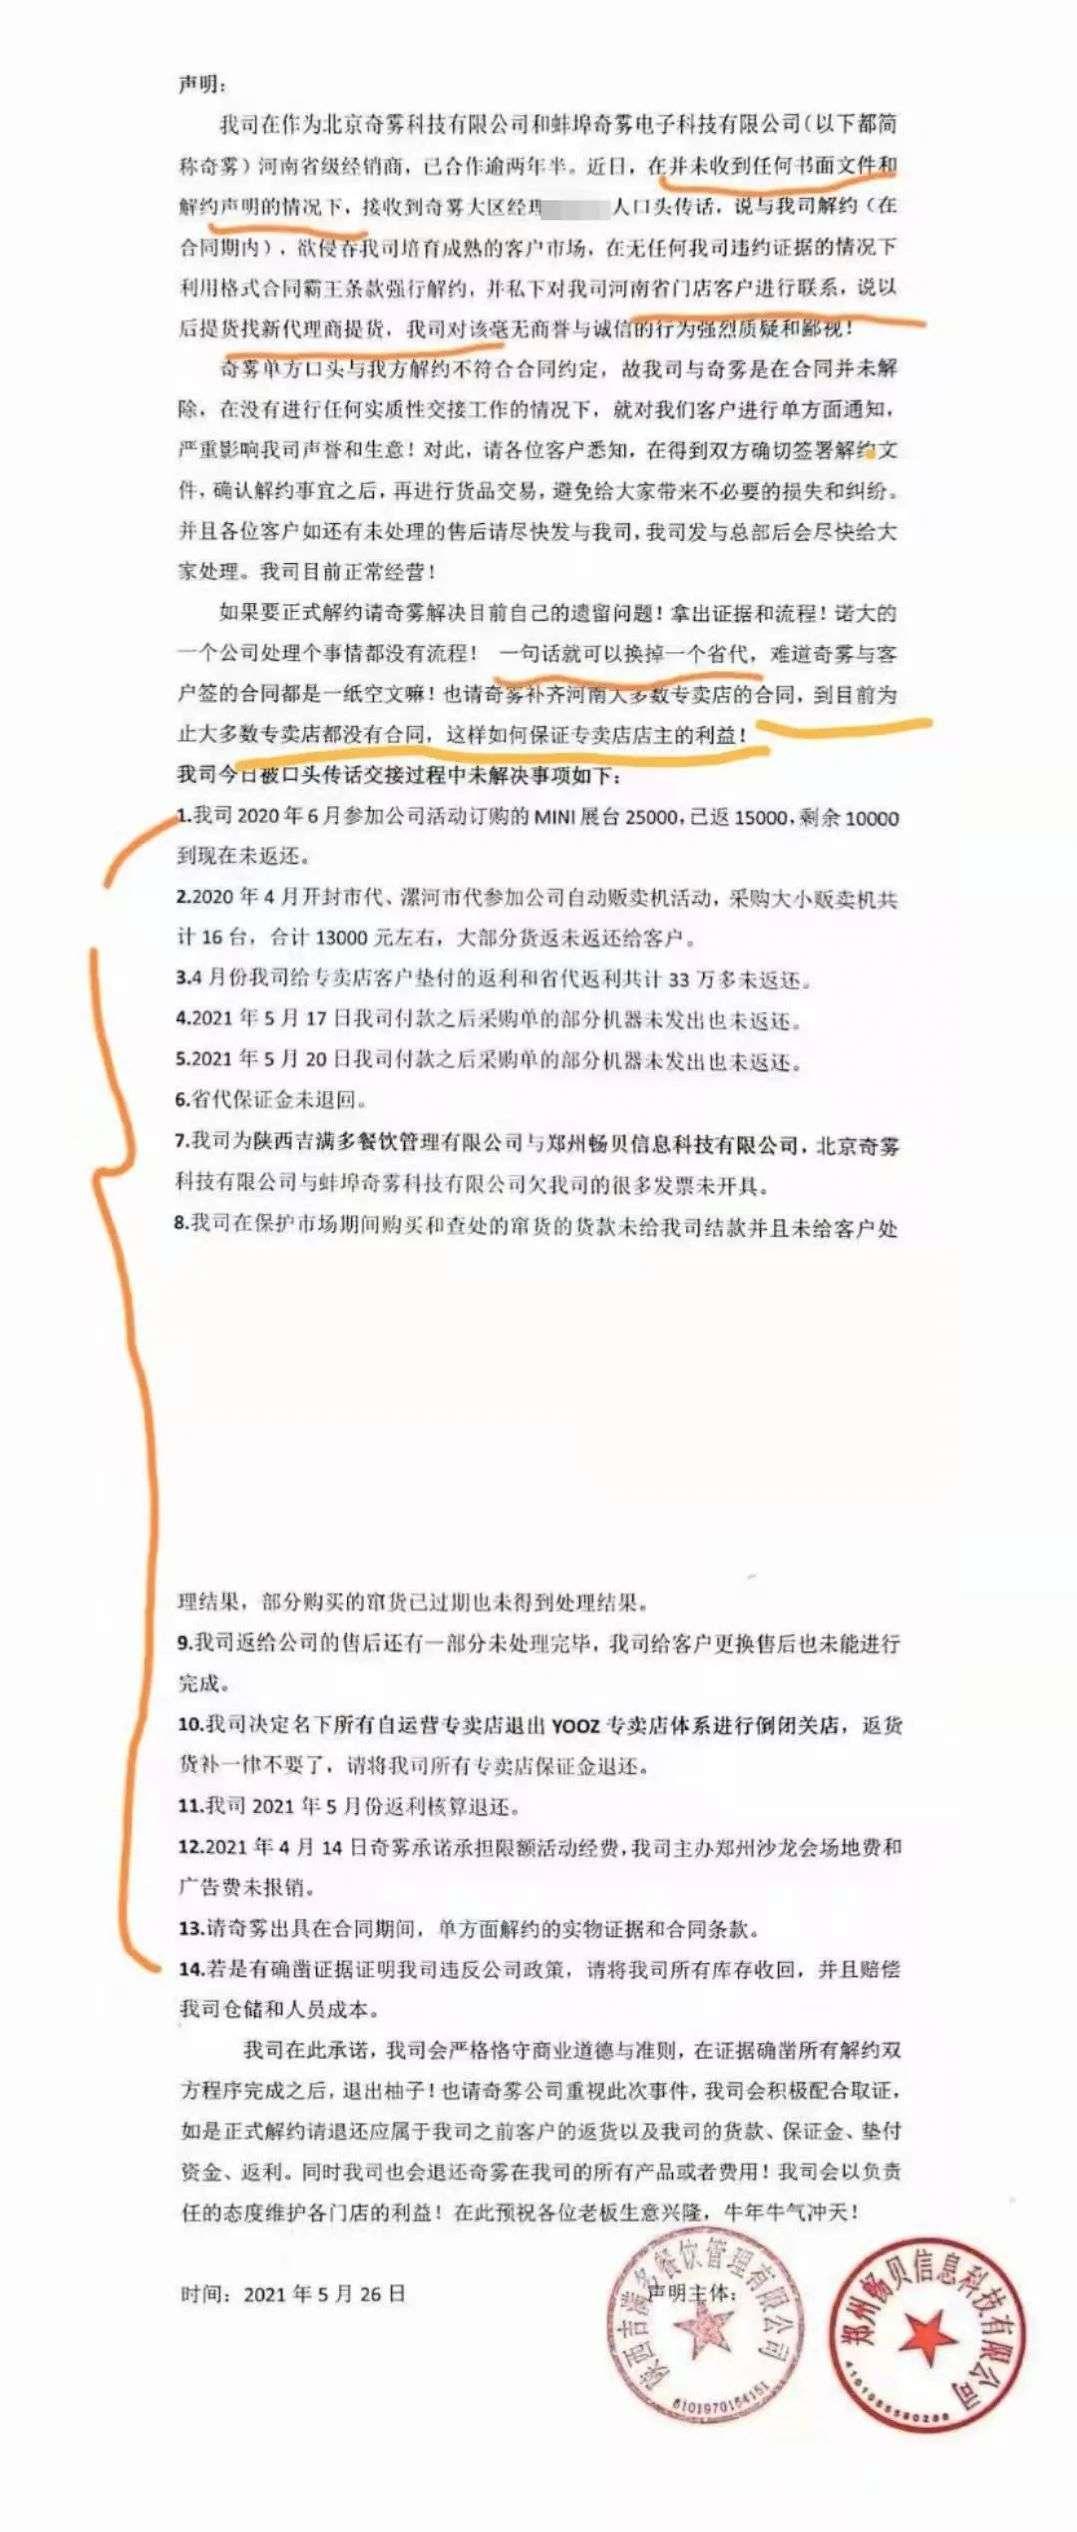 【业内猛料】YOOZ柚子前河南省代揭秘:开店无合同,低价甩货?